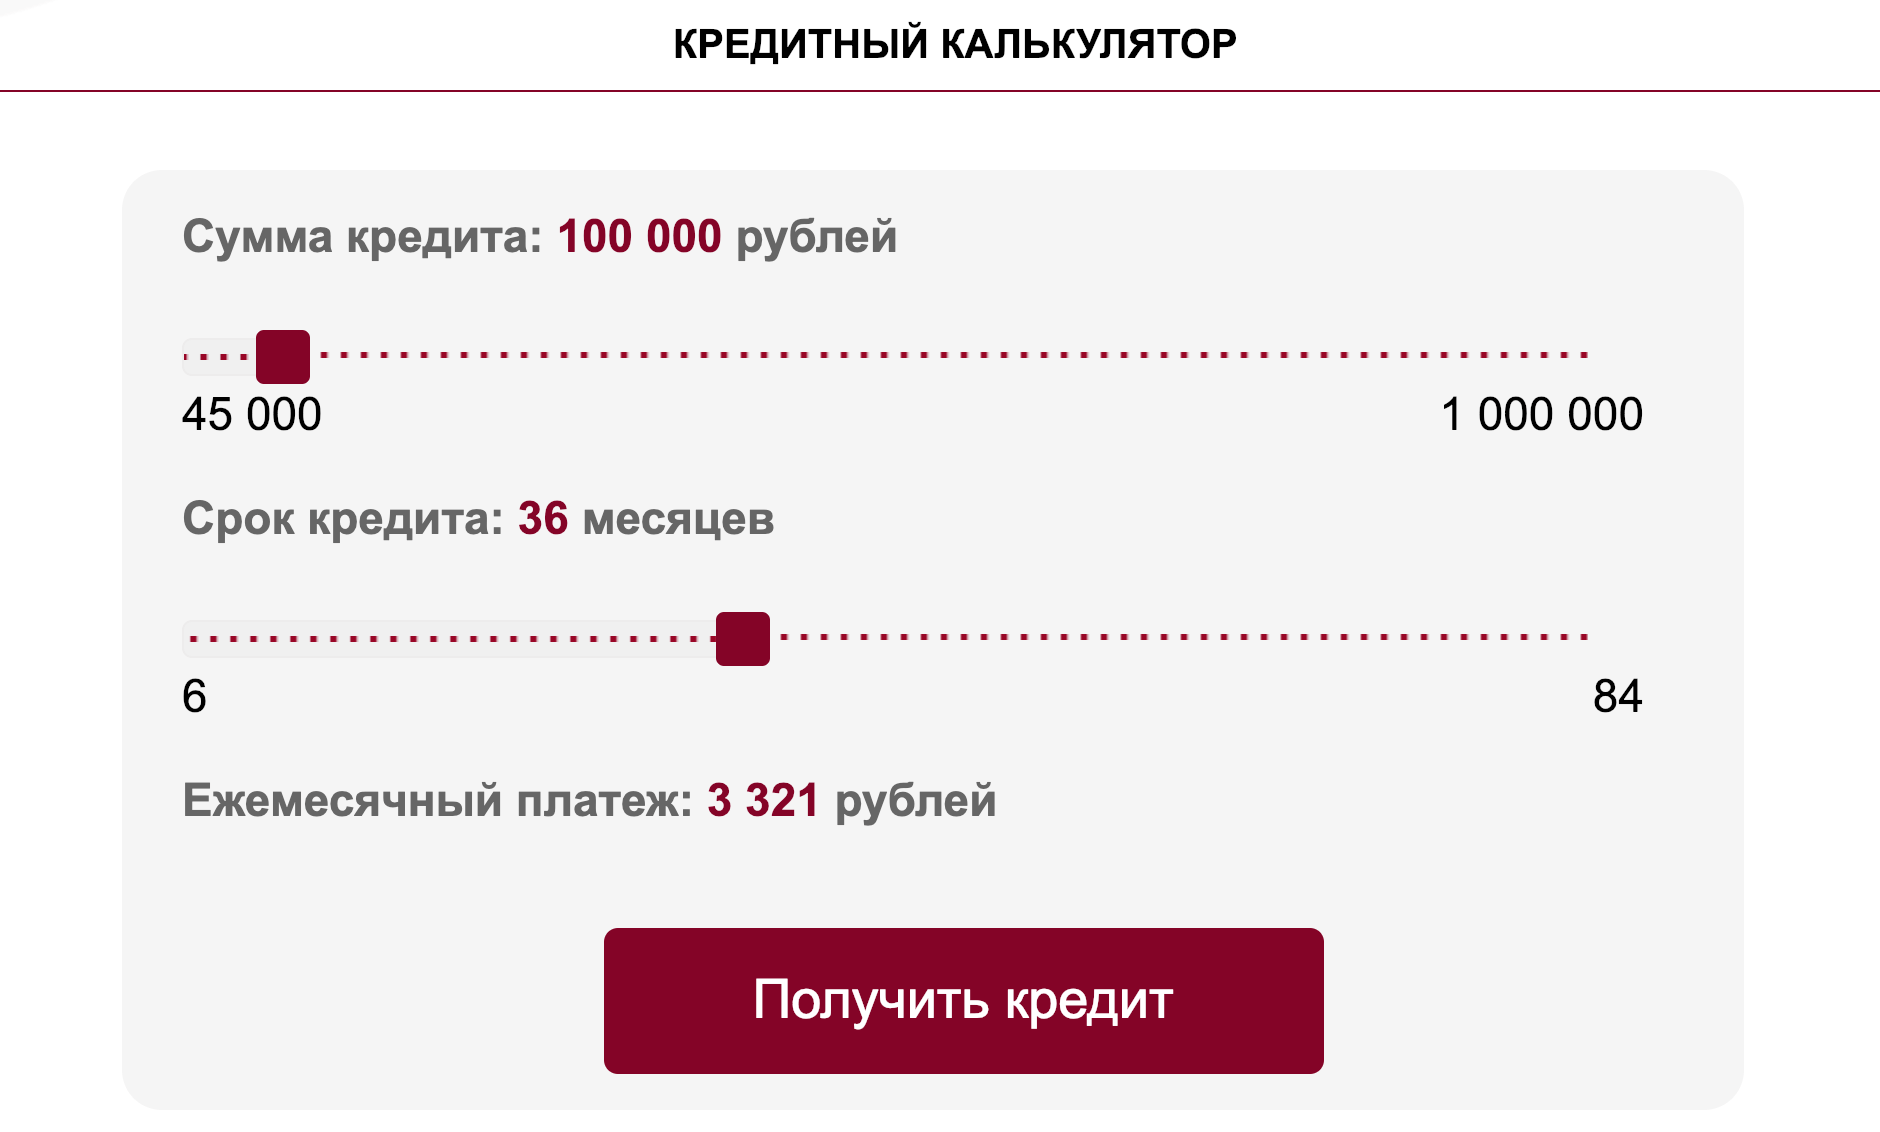 home credit bank адреса в спб невский район